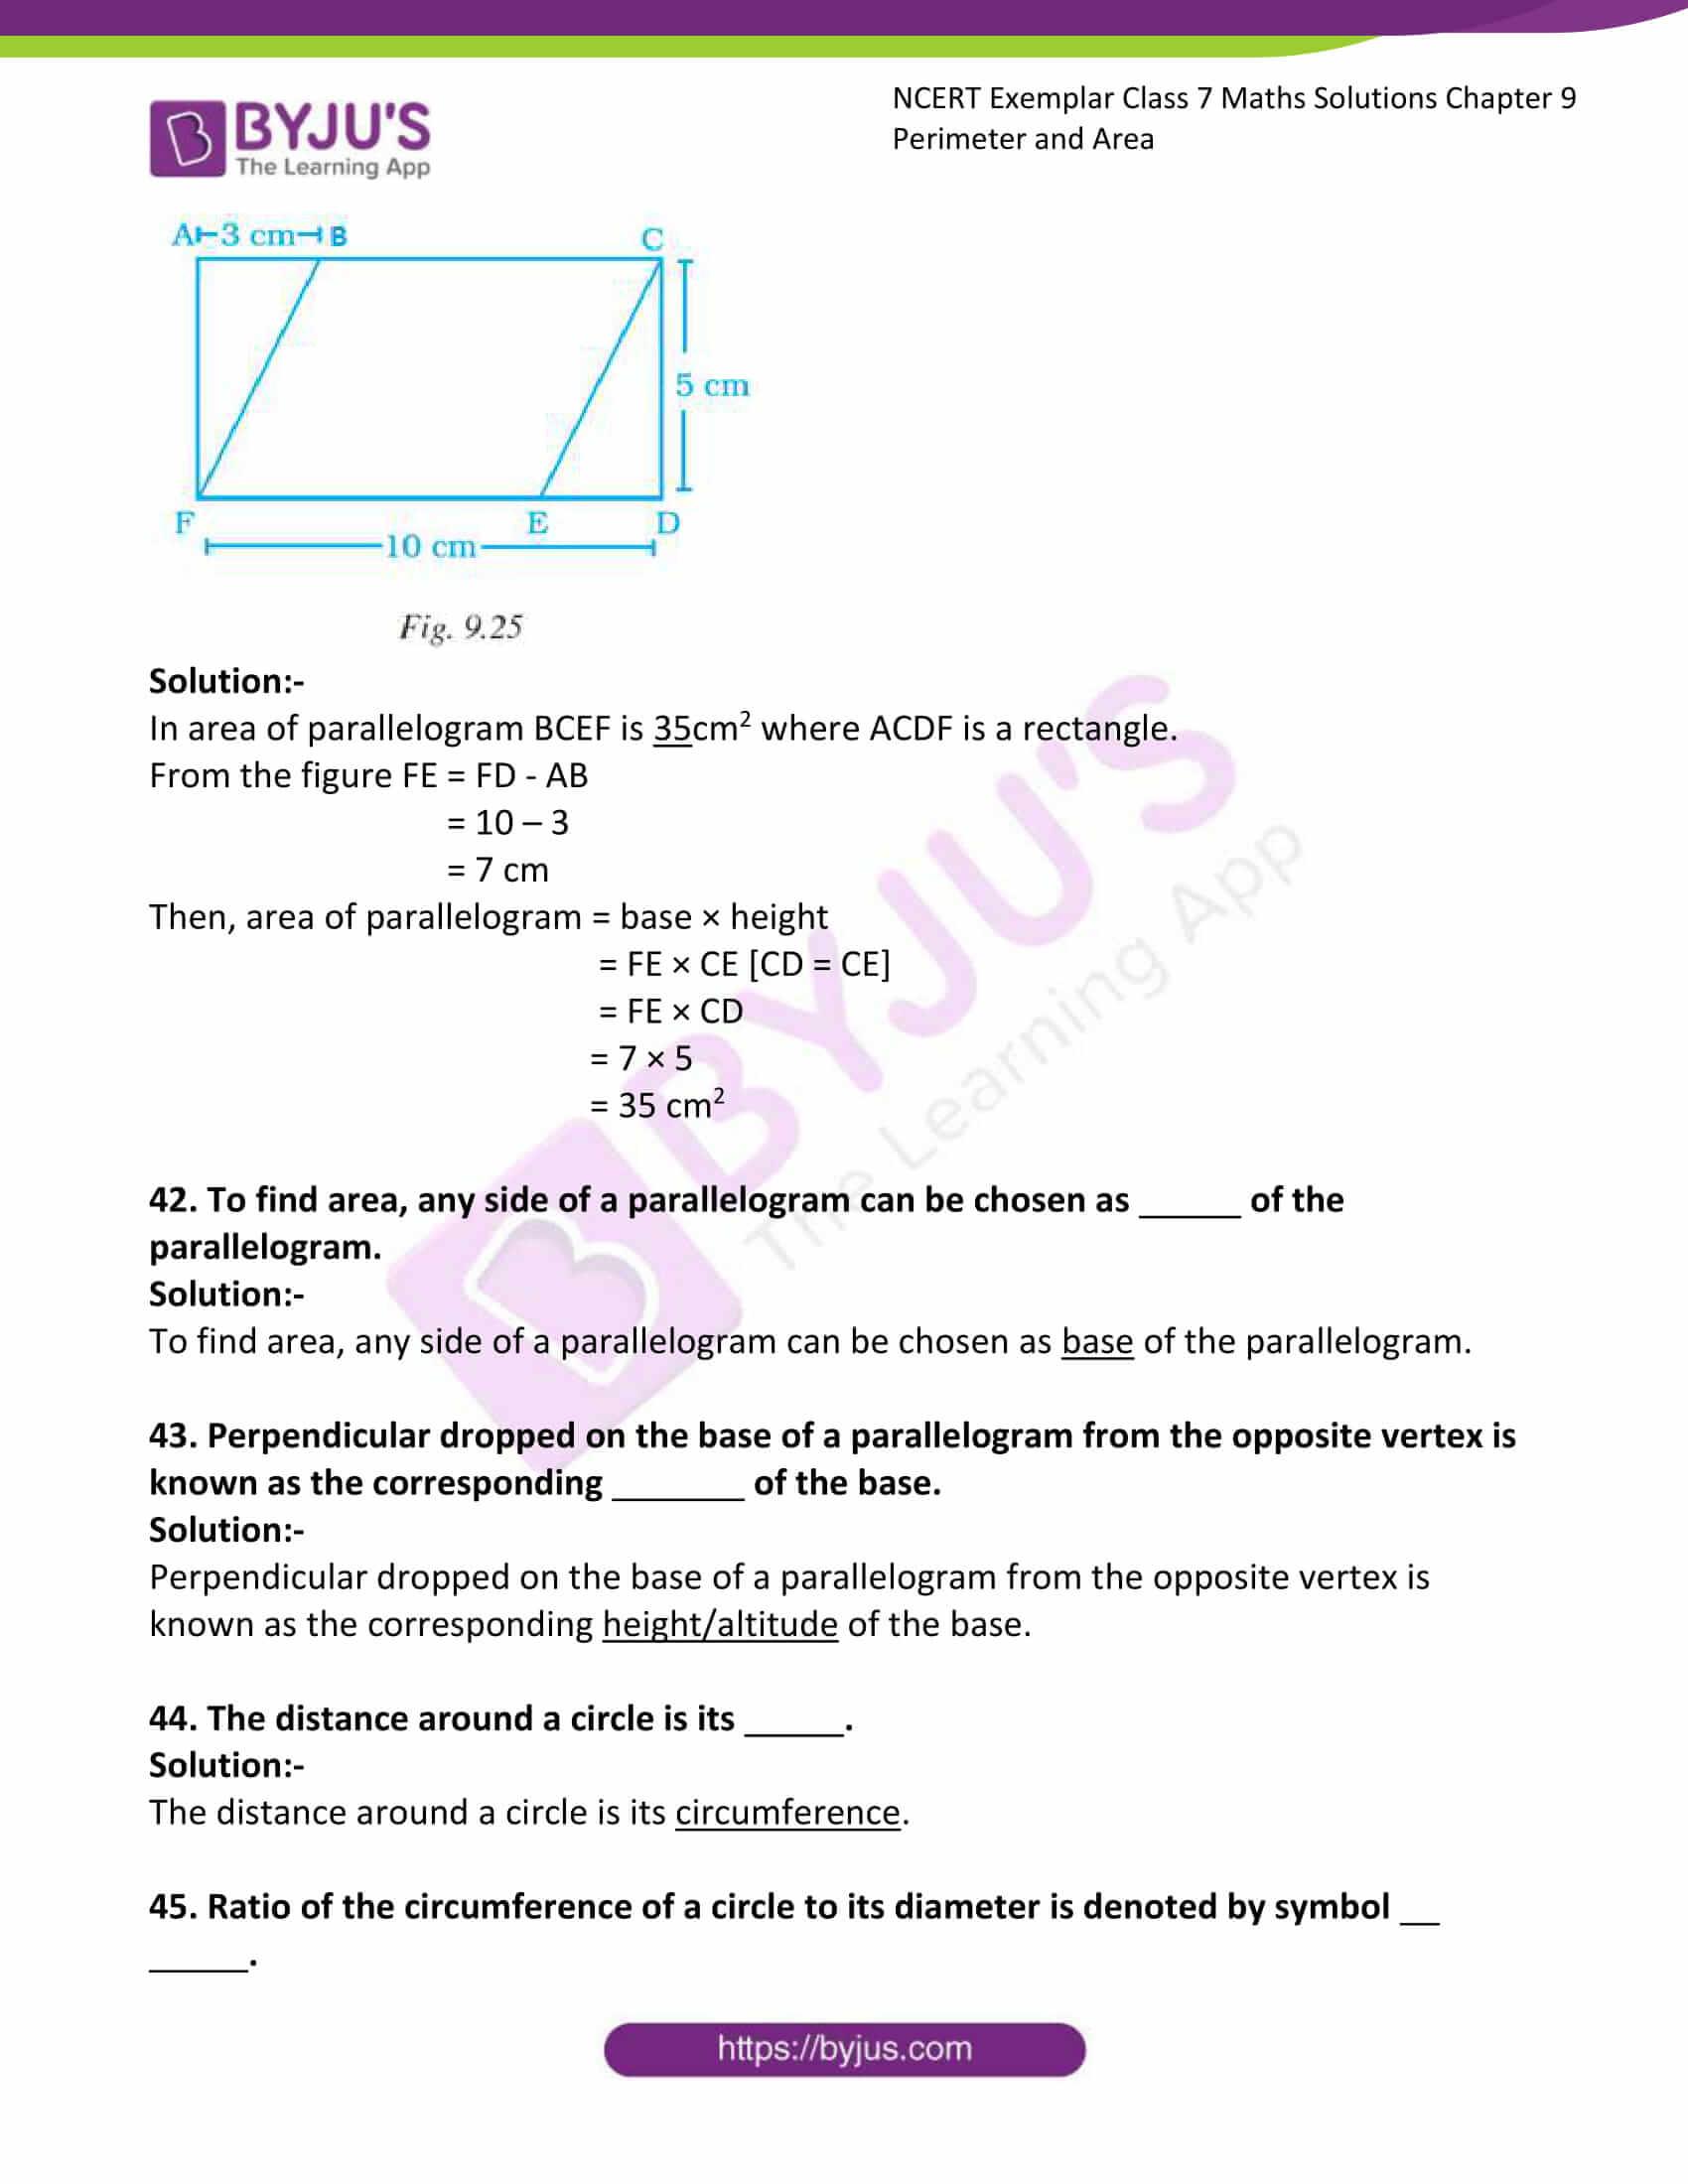 ncert exemplar class 7 maths solutions chapter 9 19